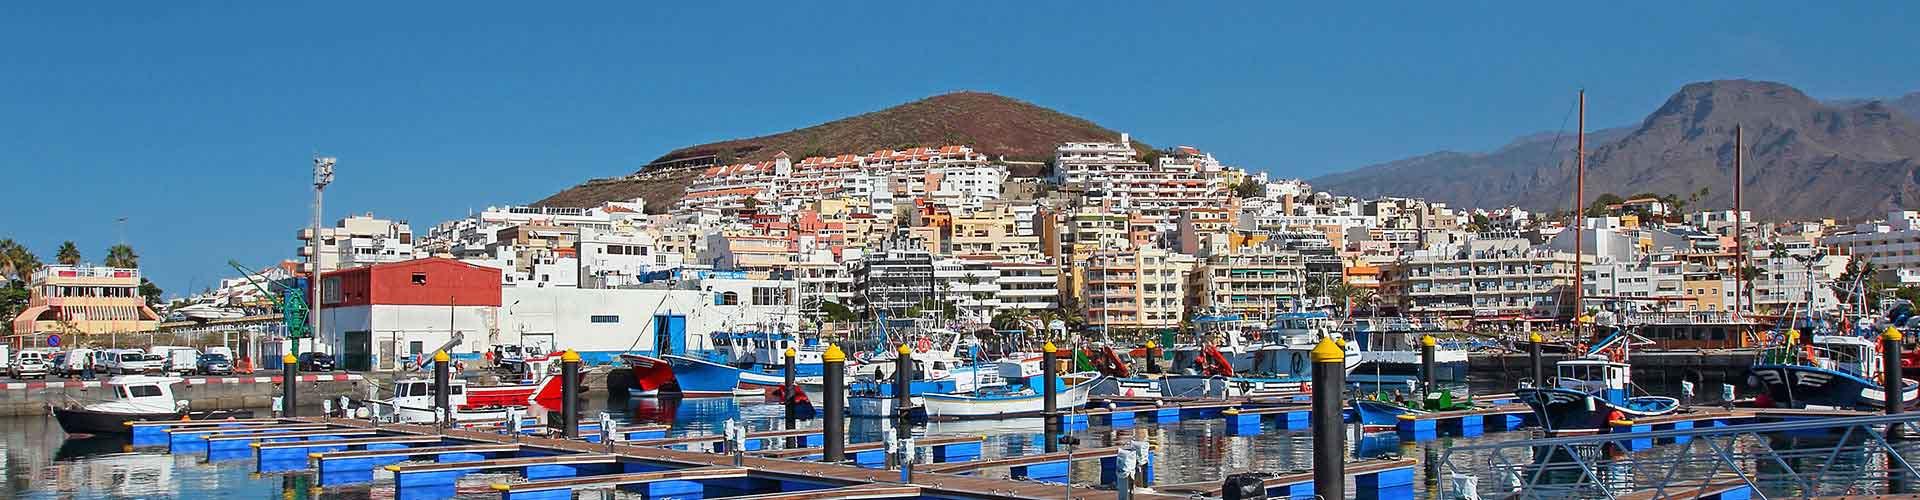 Tenerife - Auberges de jeunesse à Tenerife. Cartes pour Tenerife, photos et commentaires pour chaque auberge de jeunesse à Tenerife.